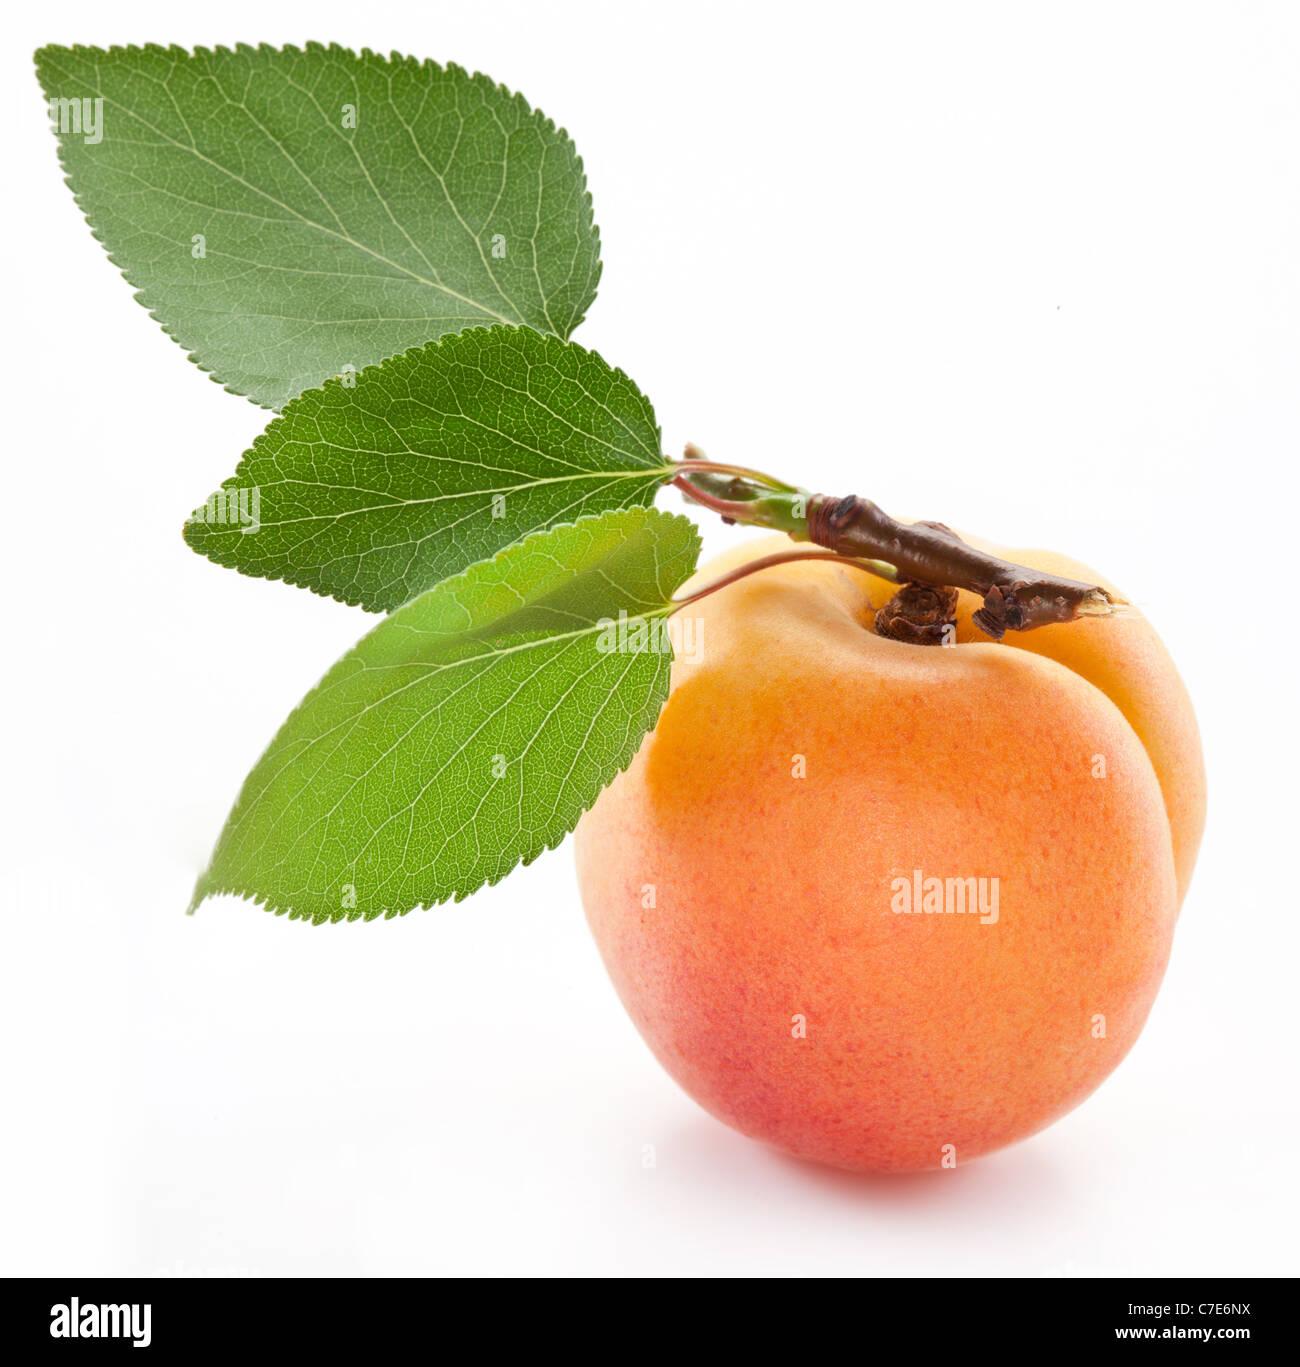 Avec la feuille d'abricot sur un fond blanc. Photo Stock